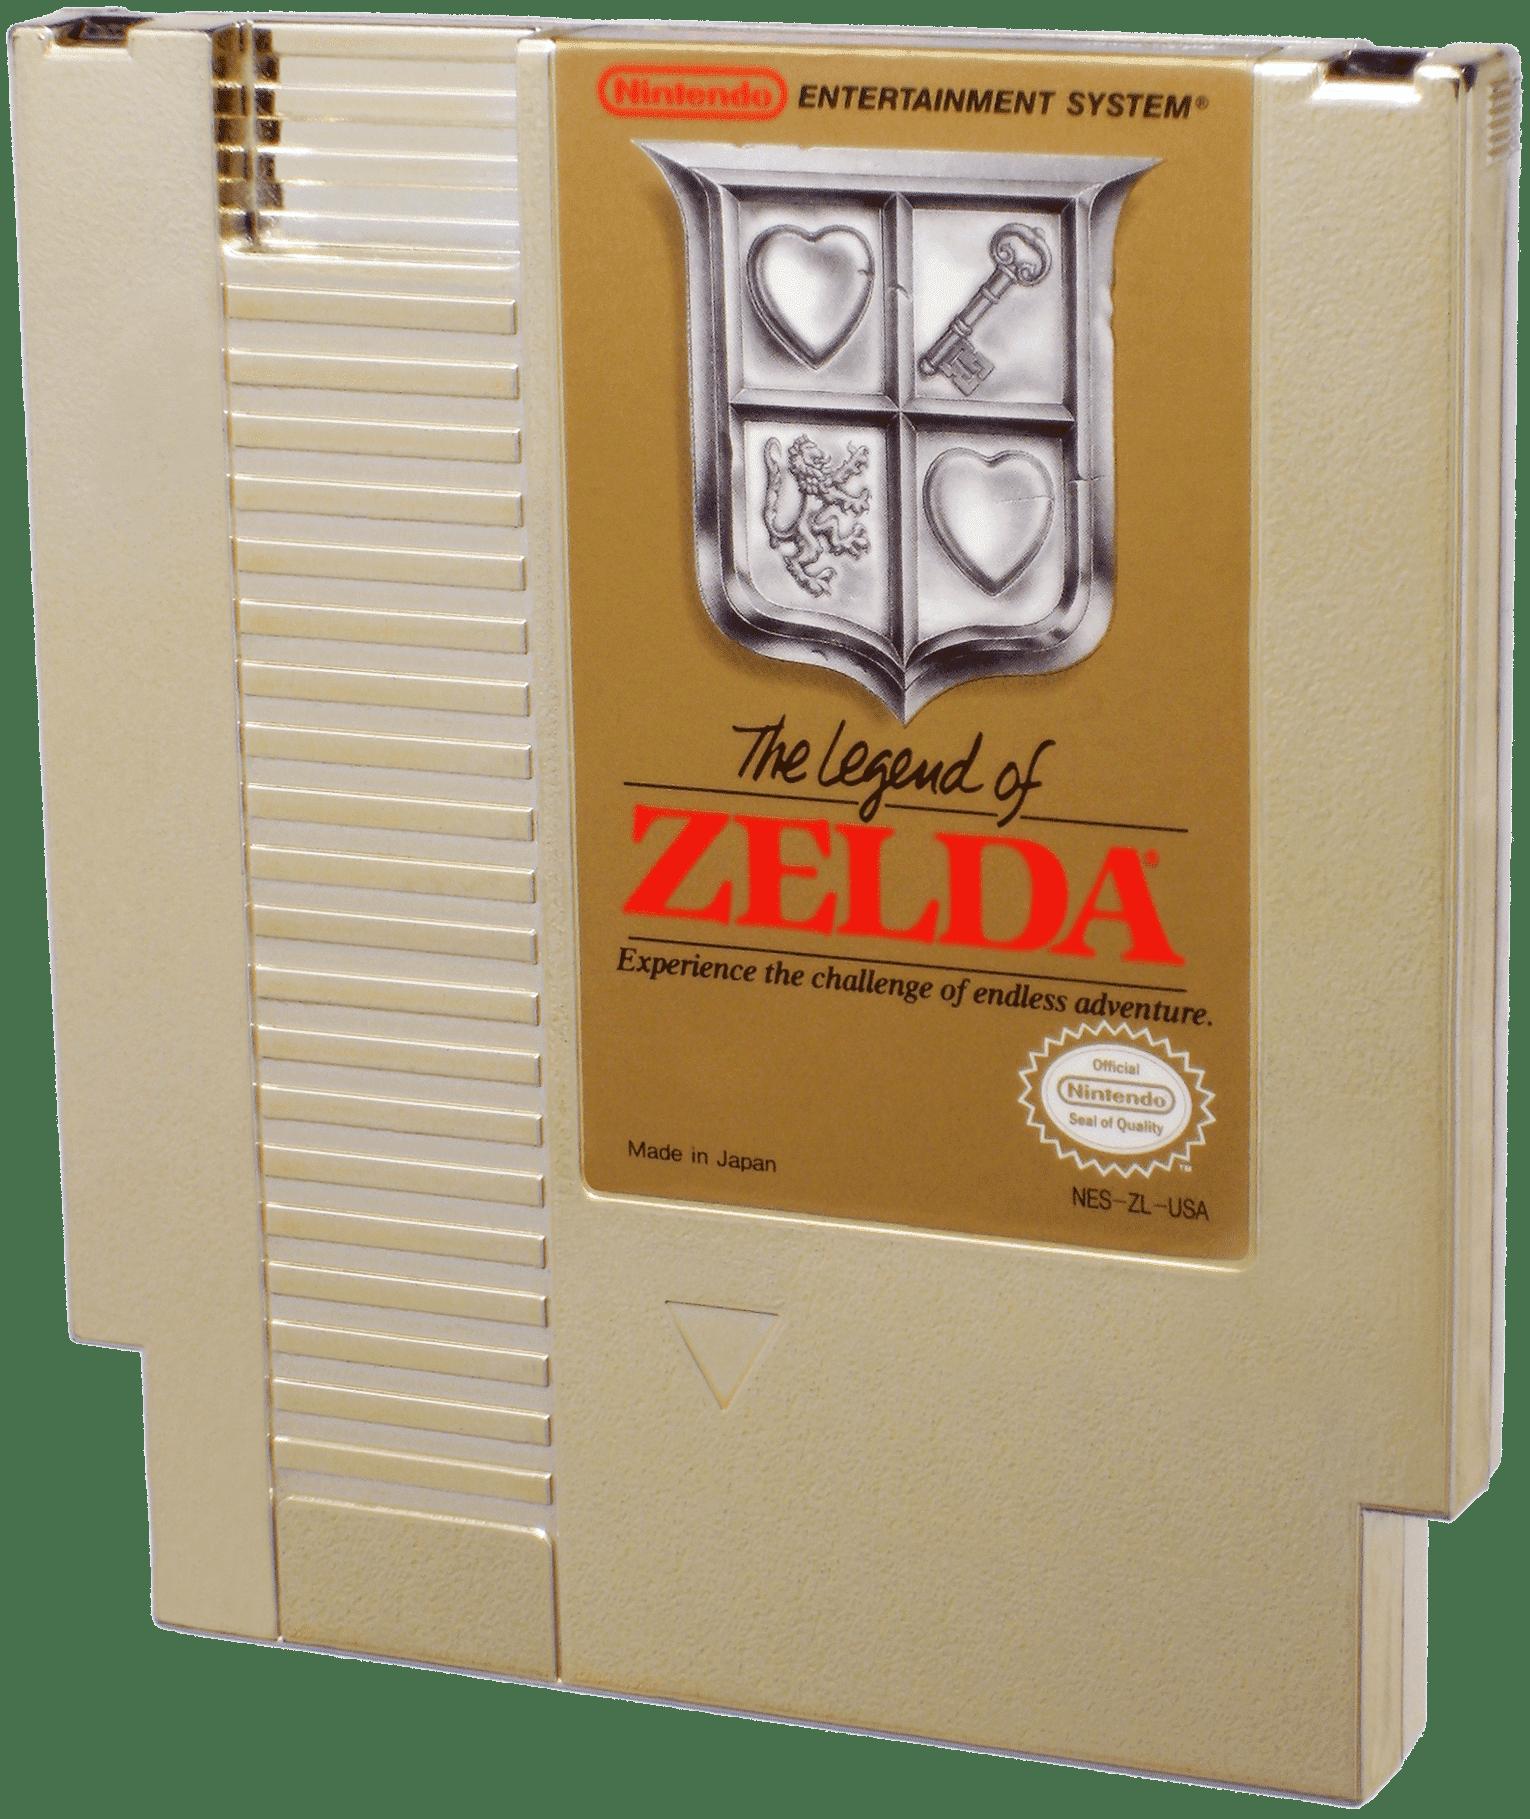 legend of zelda facts - cartridge